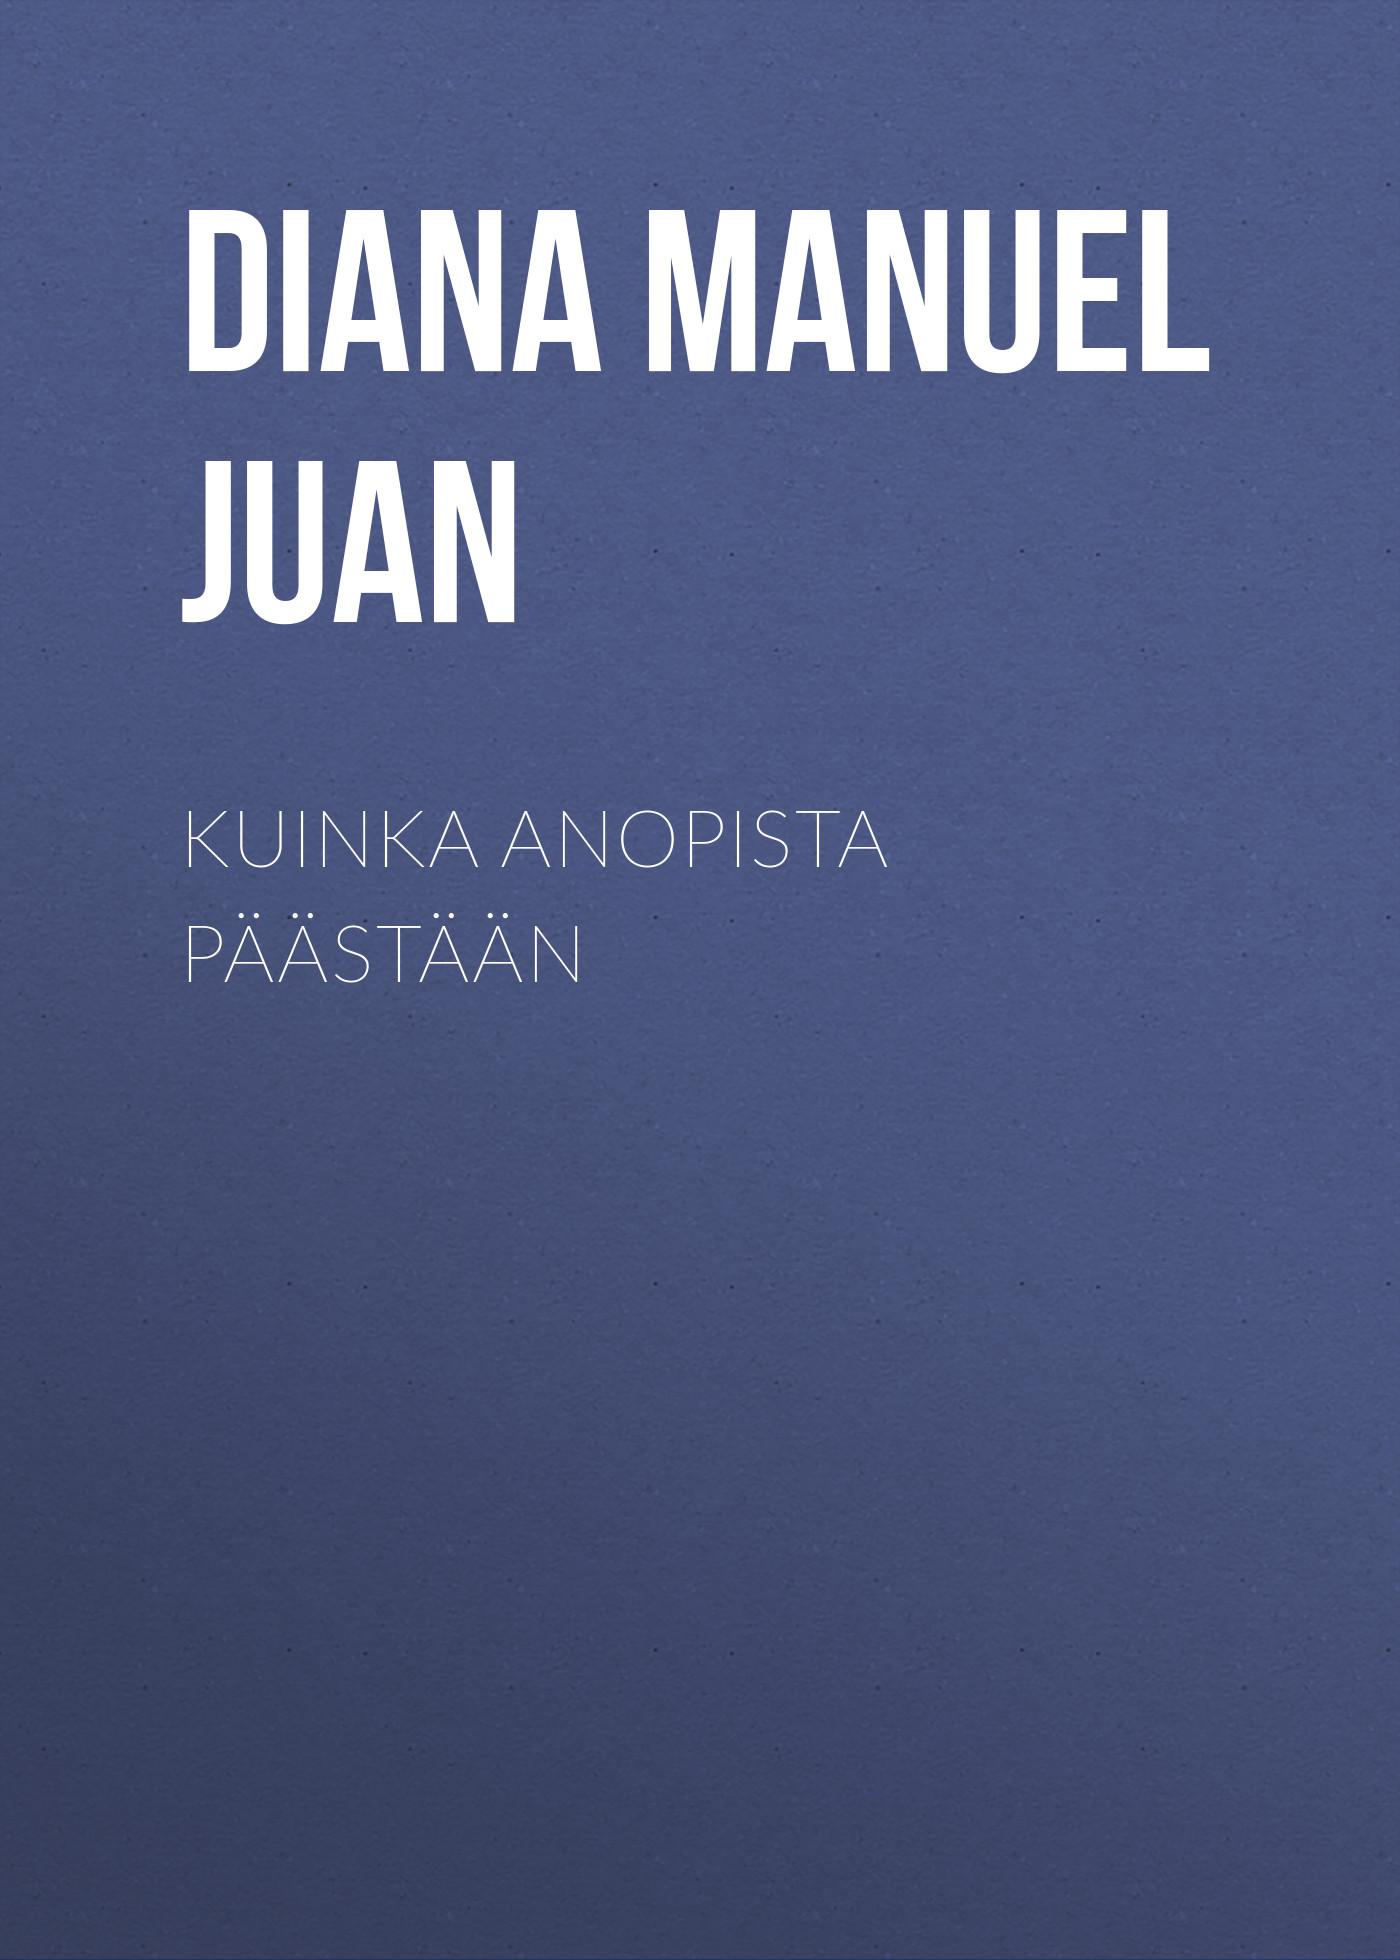 Diana Manuel Juan Kuinka anopista päästään juan manuel marcos gunteri talv